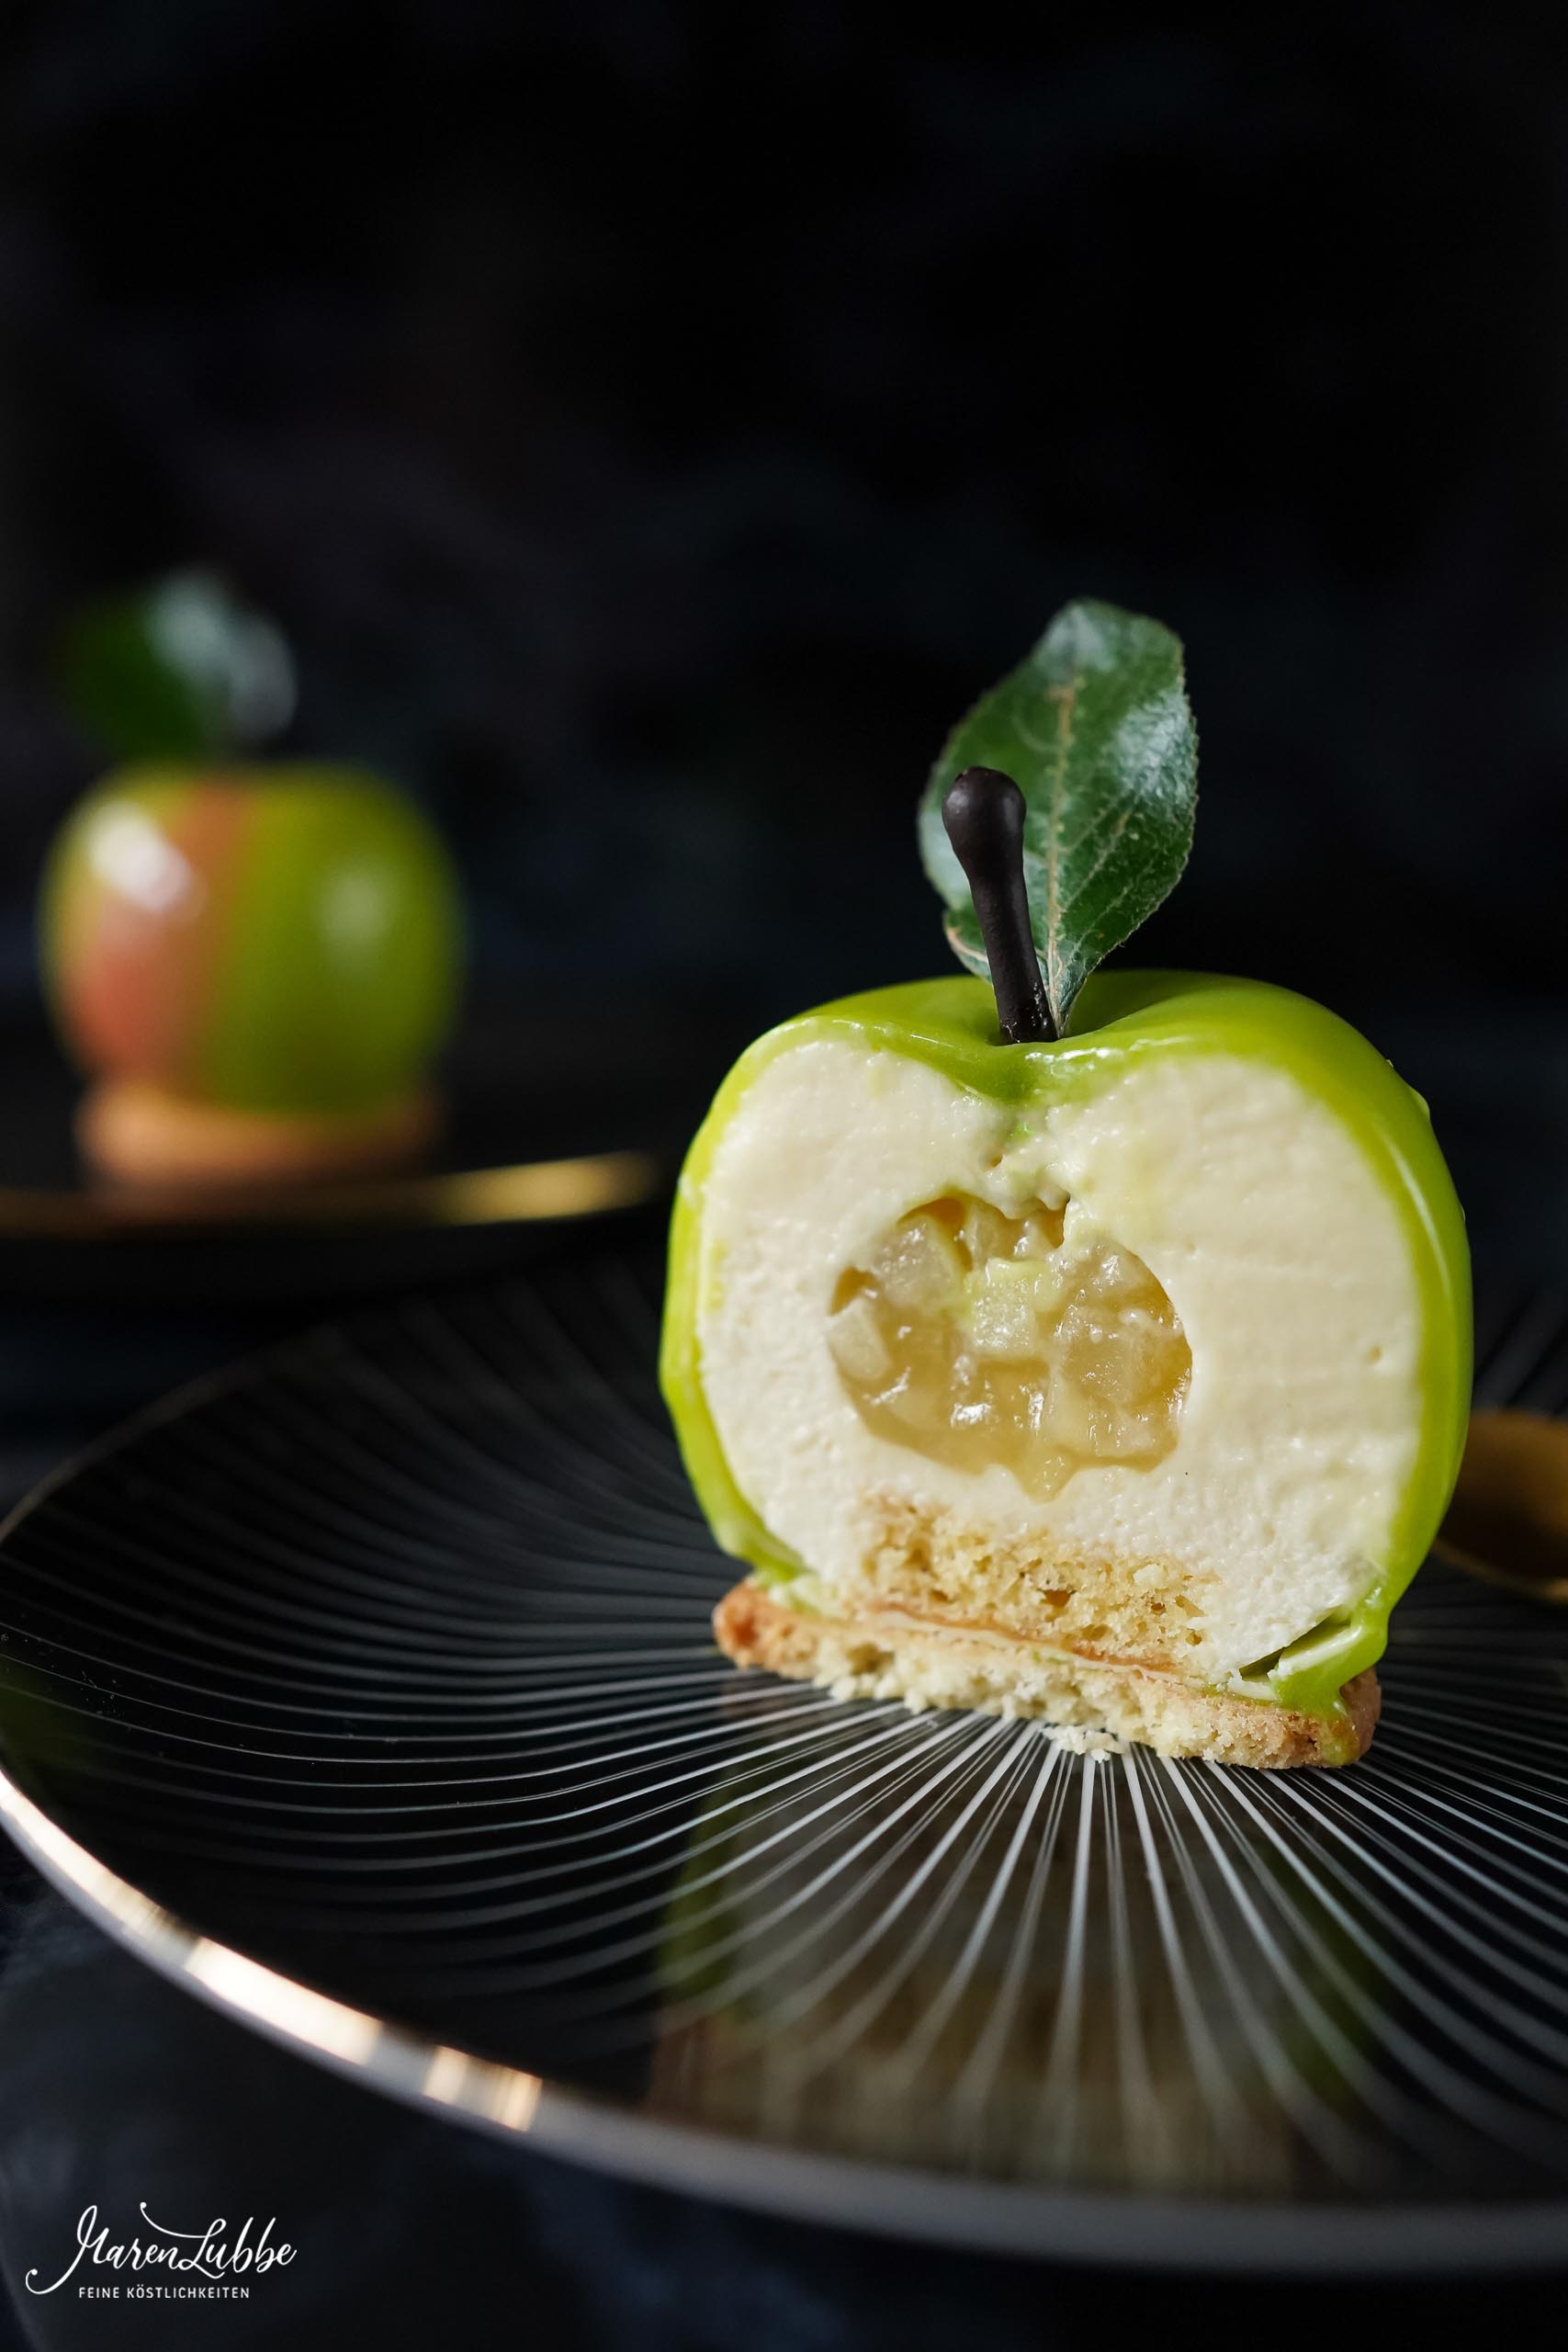 Green Apple Desserttörtchen